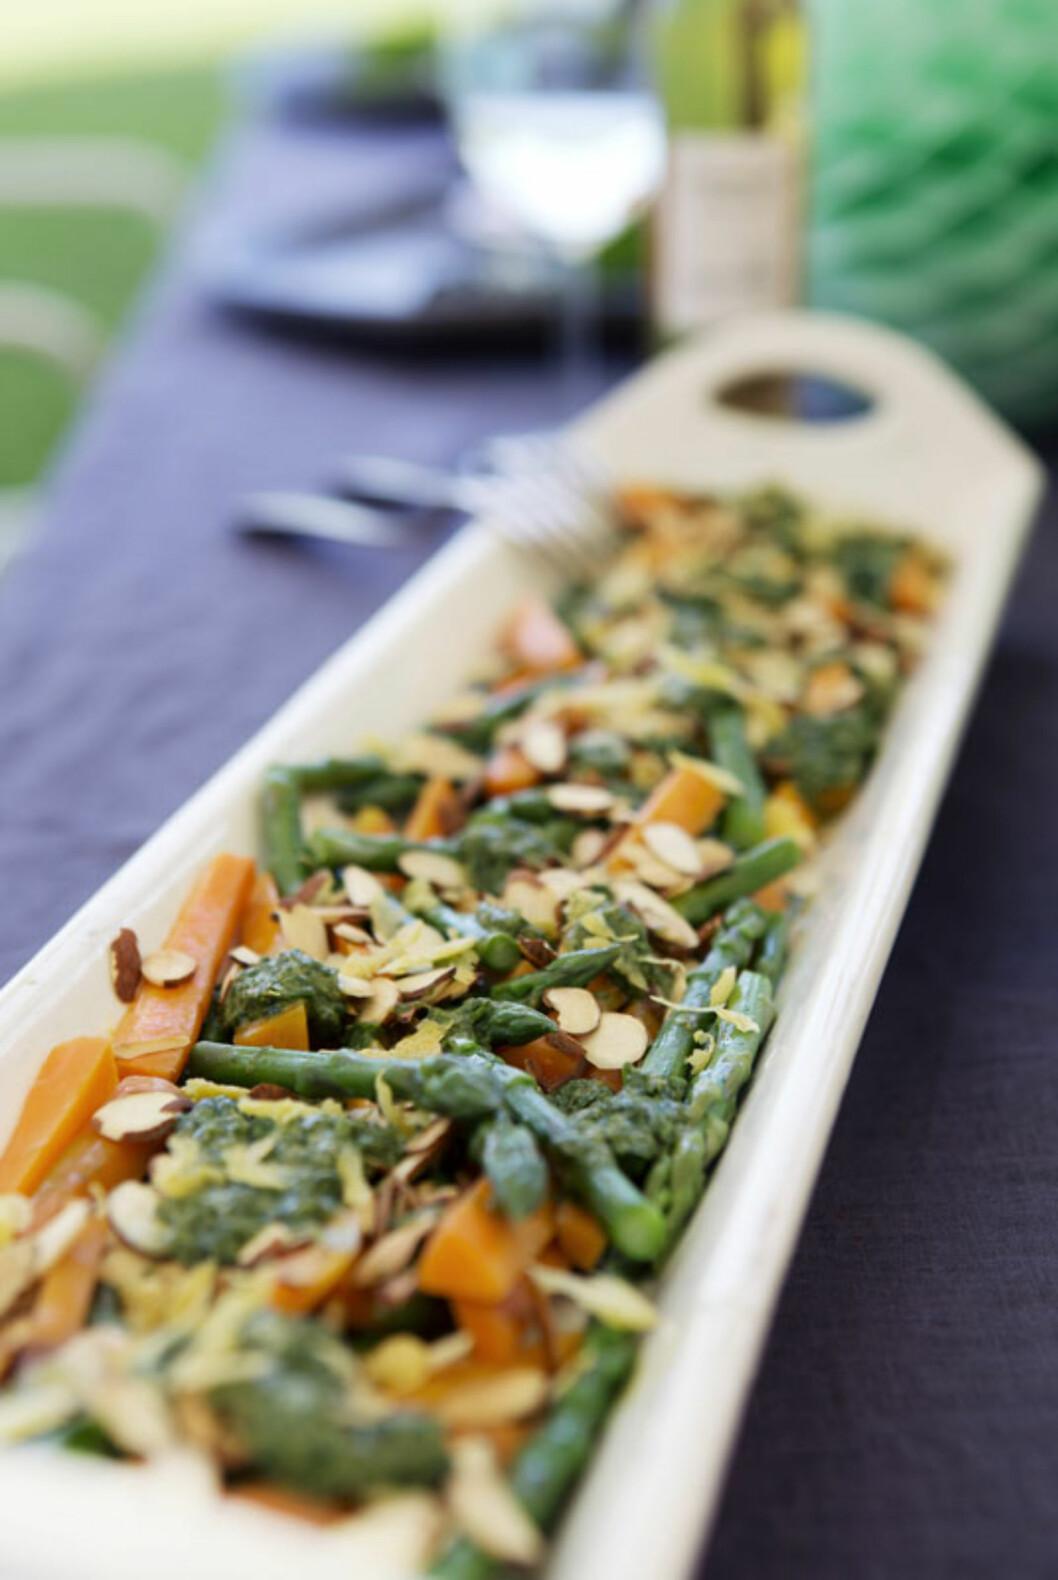 SJEKK DEN SALATEN: Gulrot- og aspargessalat med ristede mandler er midt i blinken for sommerfesten! Foto: Yvonne Wilhelmsen